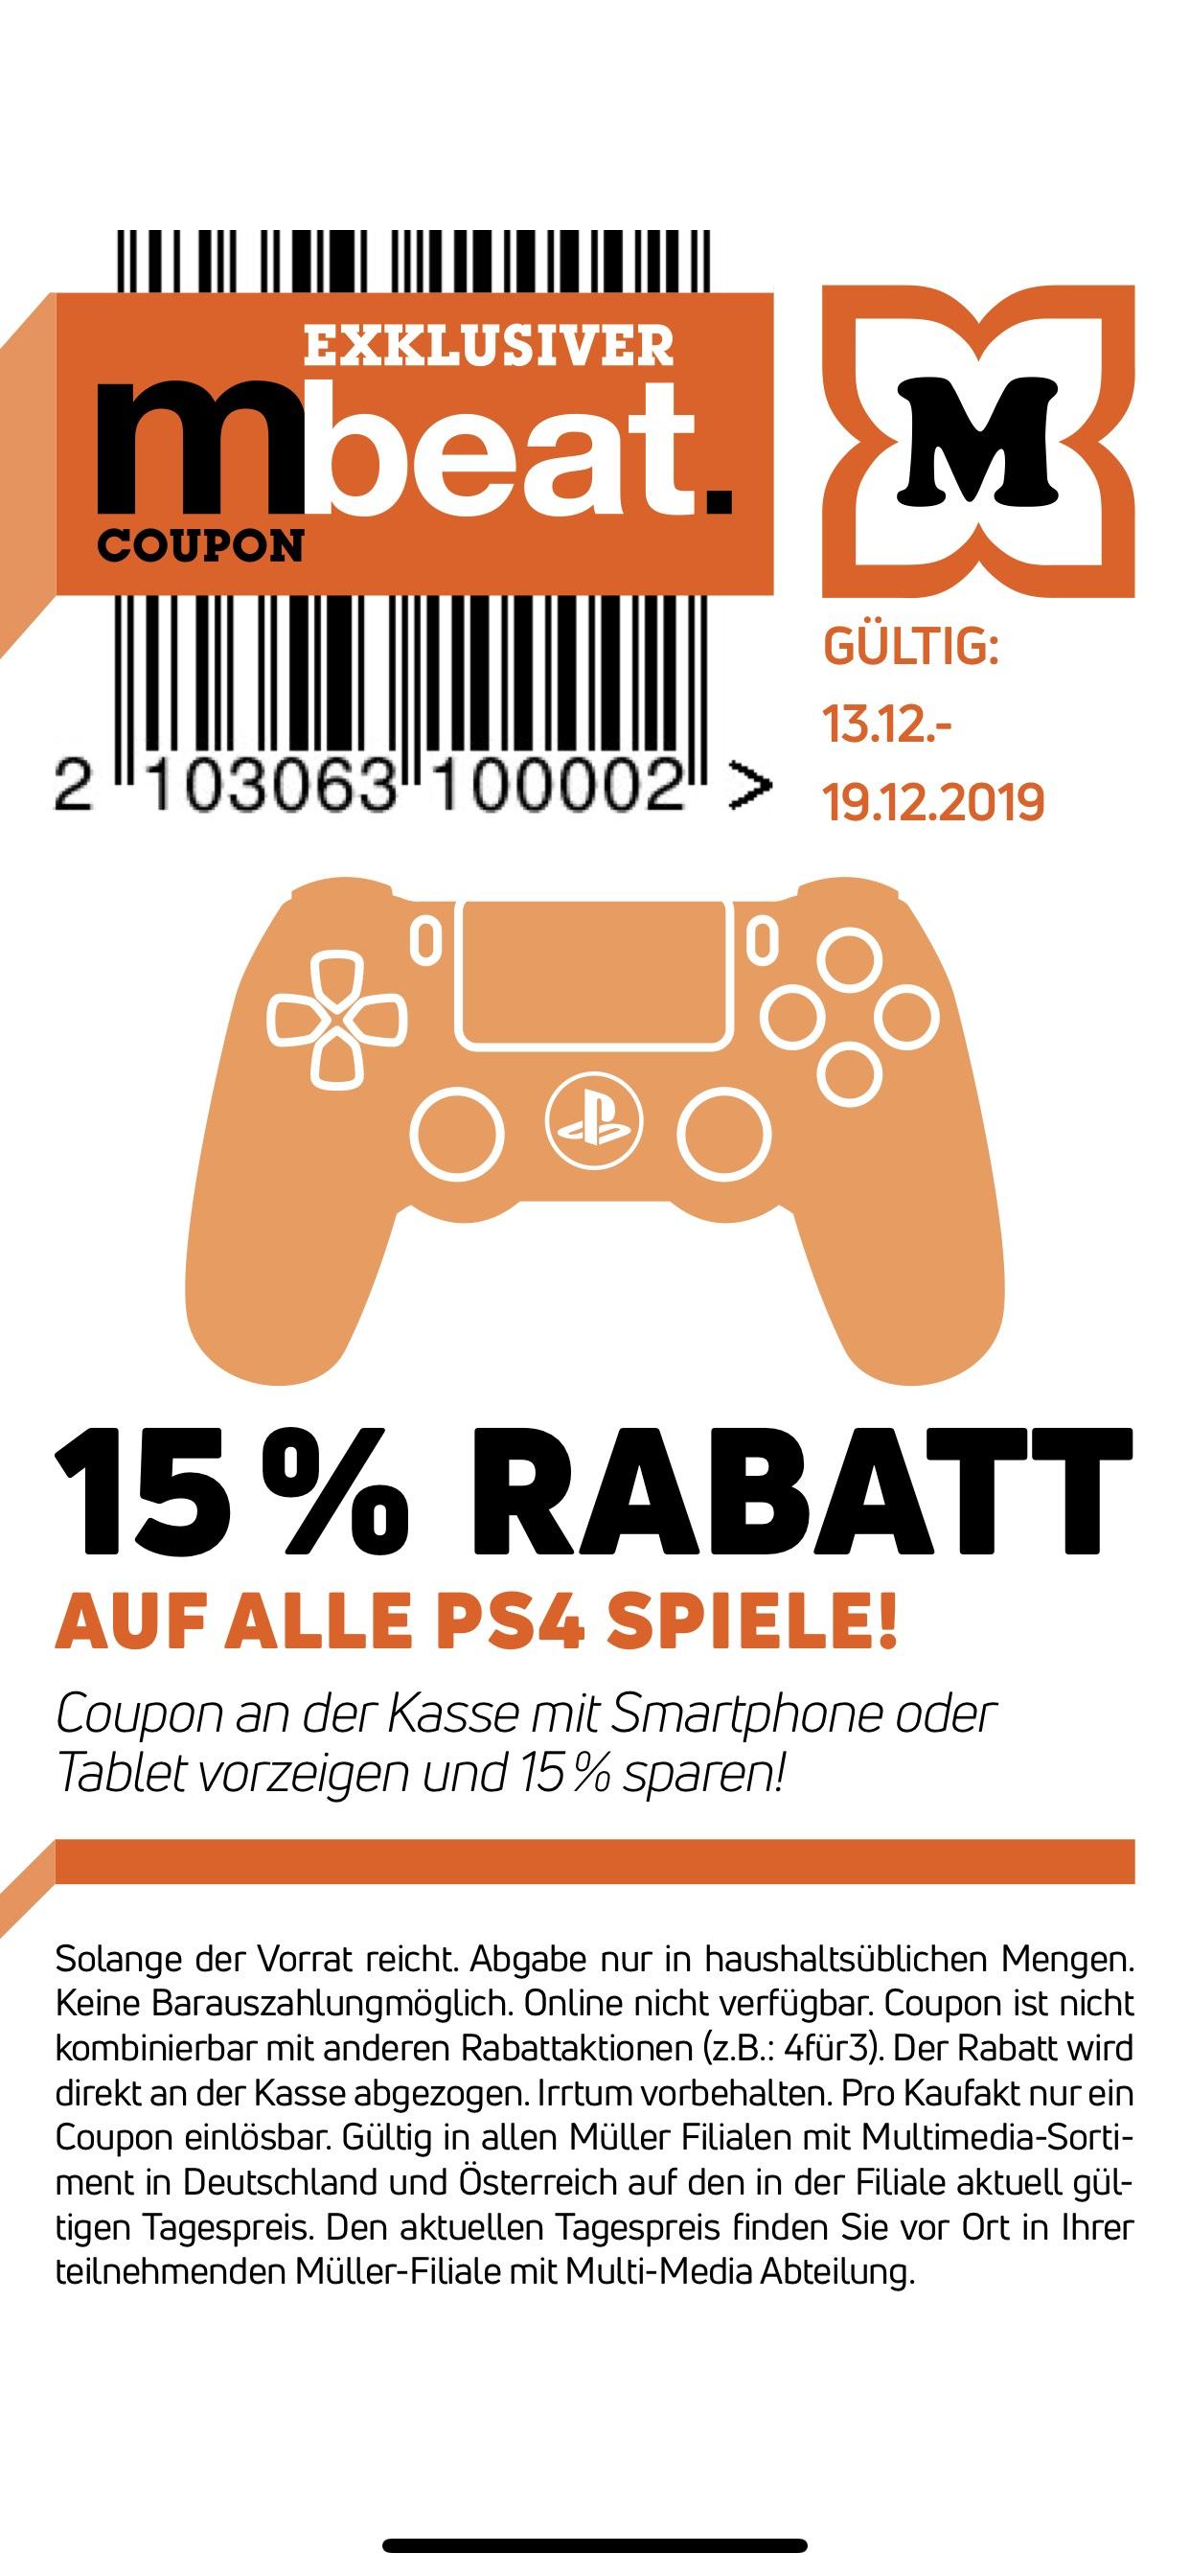 Müller App (MBeat): 15% auf alle PS4 Spiele